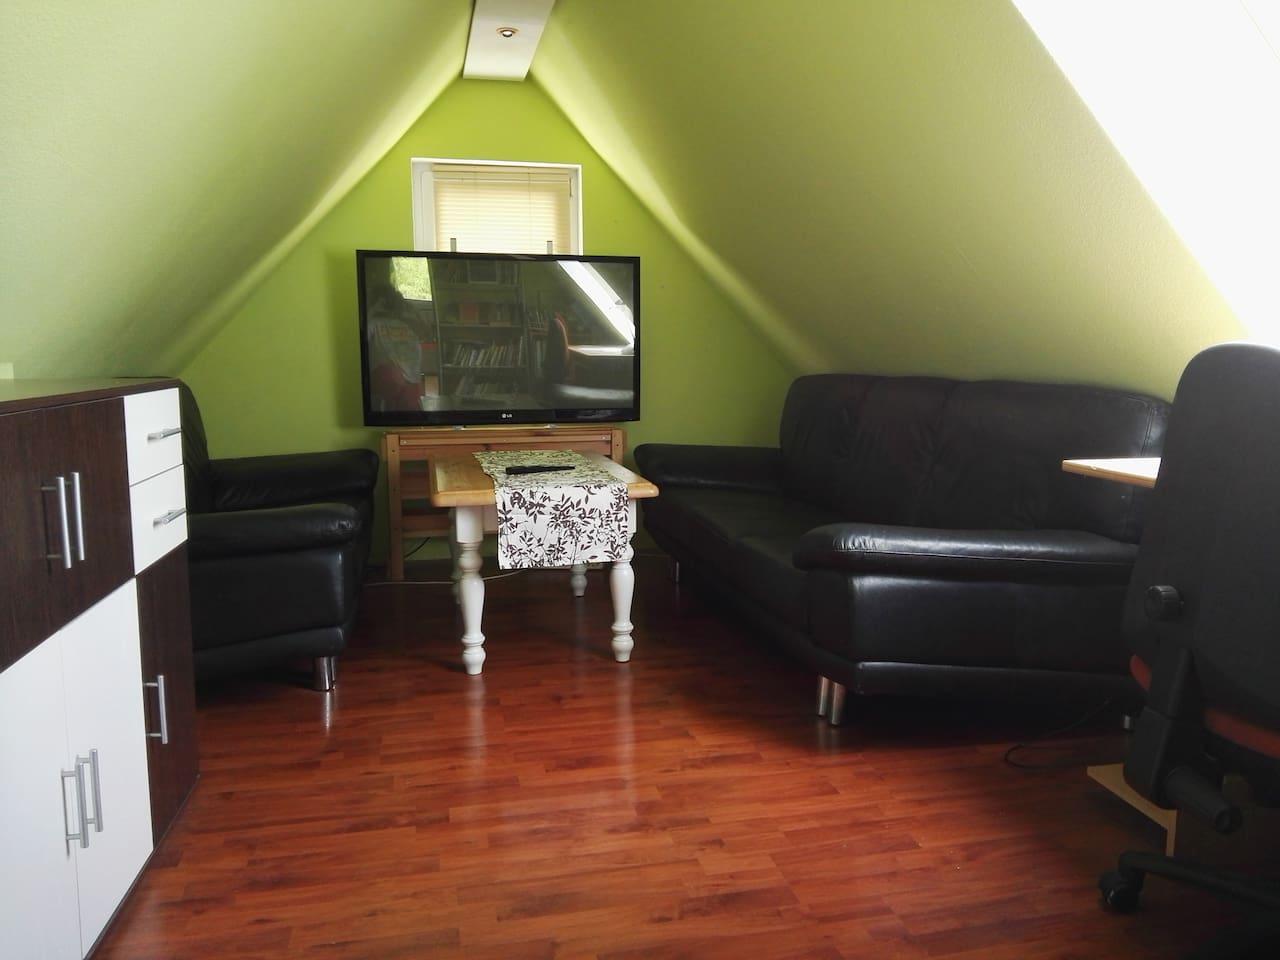 Wohnbereich mit TV und Sitzecke sowie Schreibtisch